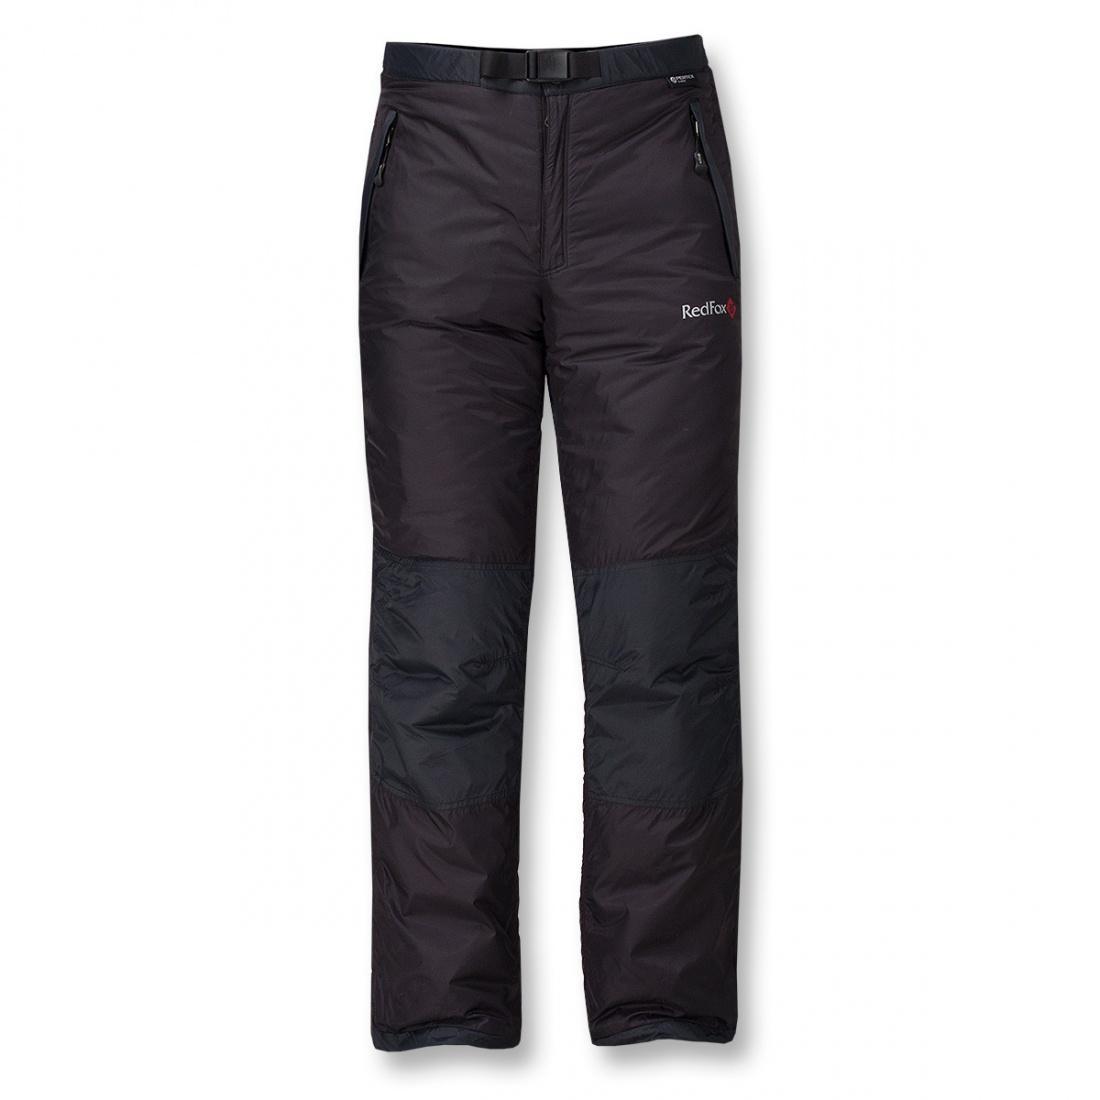 Брюки утепленные Ultra Light Thl IIБрюки, штаны<br>Легкие, утепленные брюки из серии Nordic Style, разработанные специально для экспедиций. <br><br> <br> <br><br><br>Материал – Pertex® Classic.<br>Утеплитель – Thinsulate®.<br>Подкладка – Nylon DP 37 г/м2.<br>Поса...<br><br>Цвет: Черный<br>Размер: 44